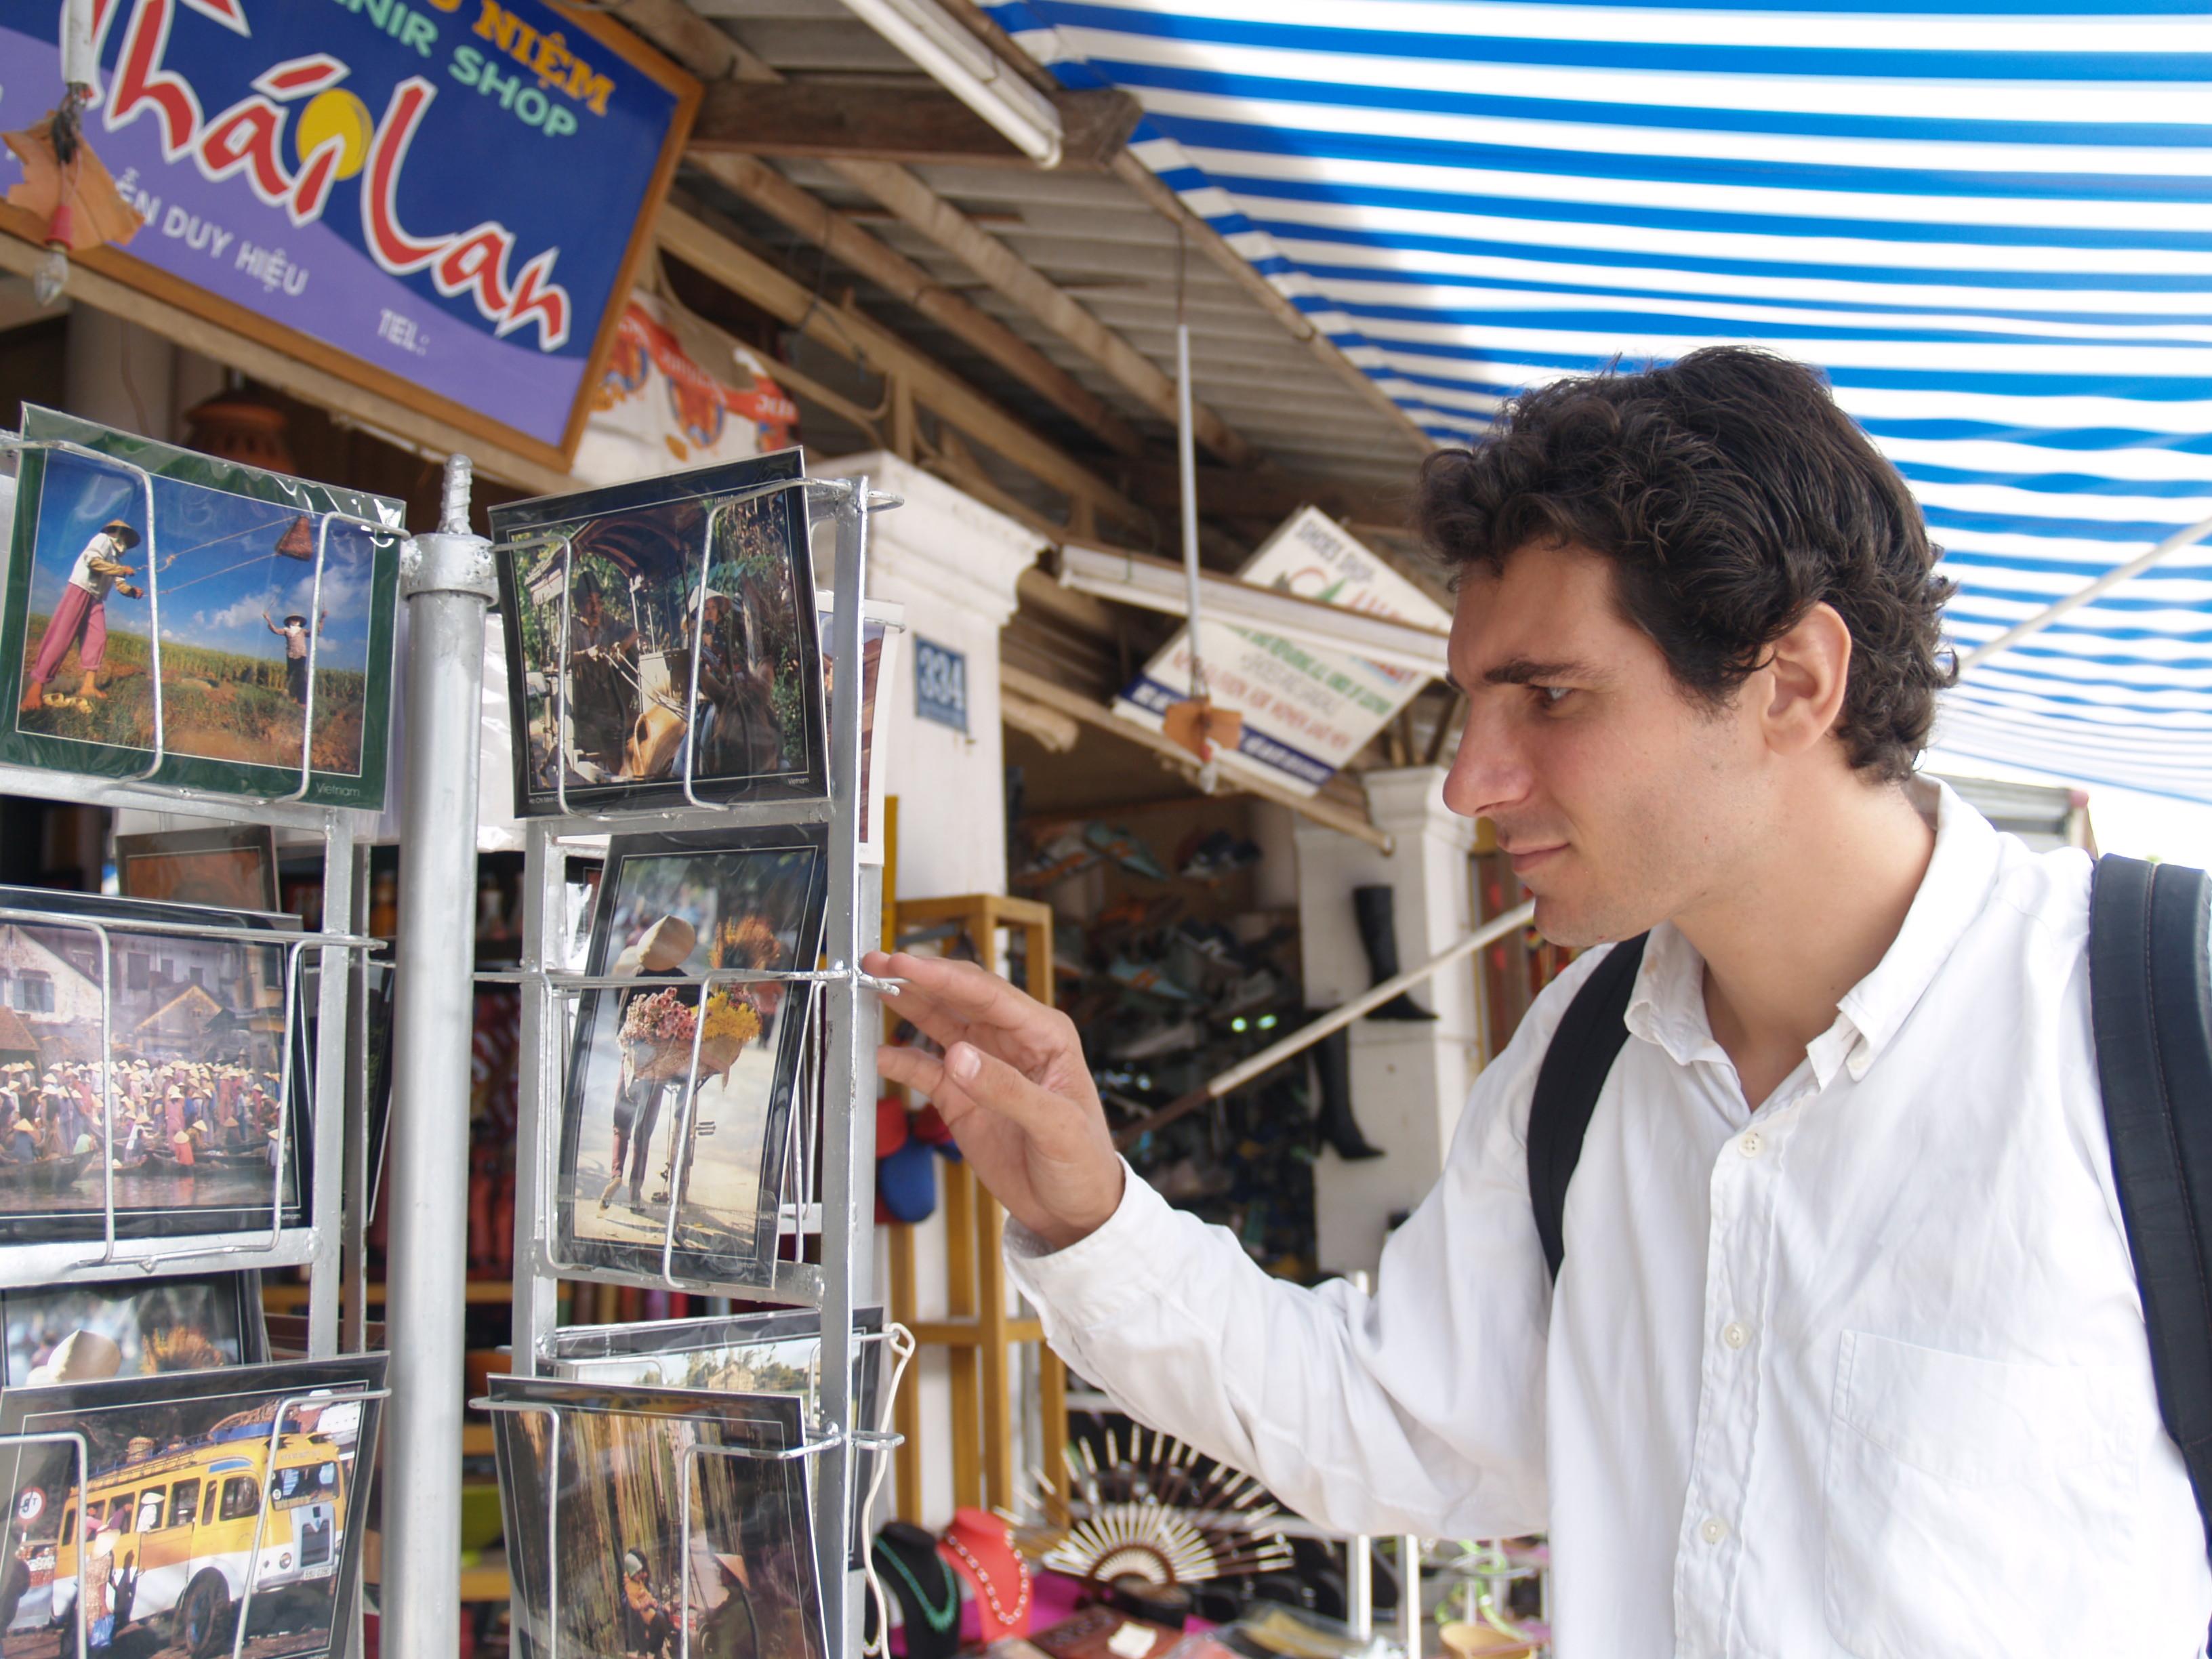 Achat de cartes postales au Viêt-Nam